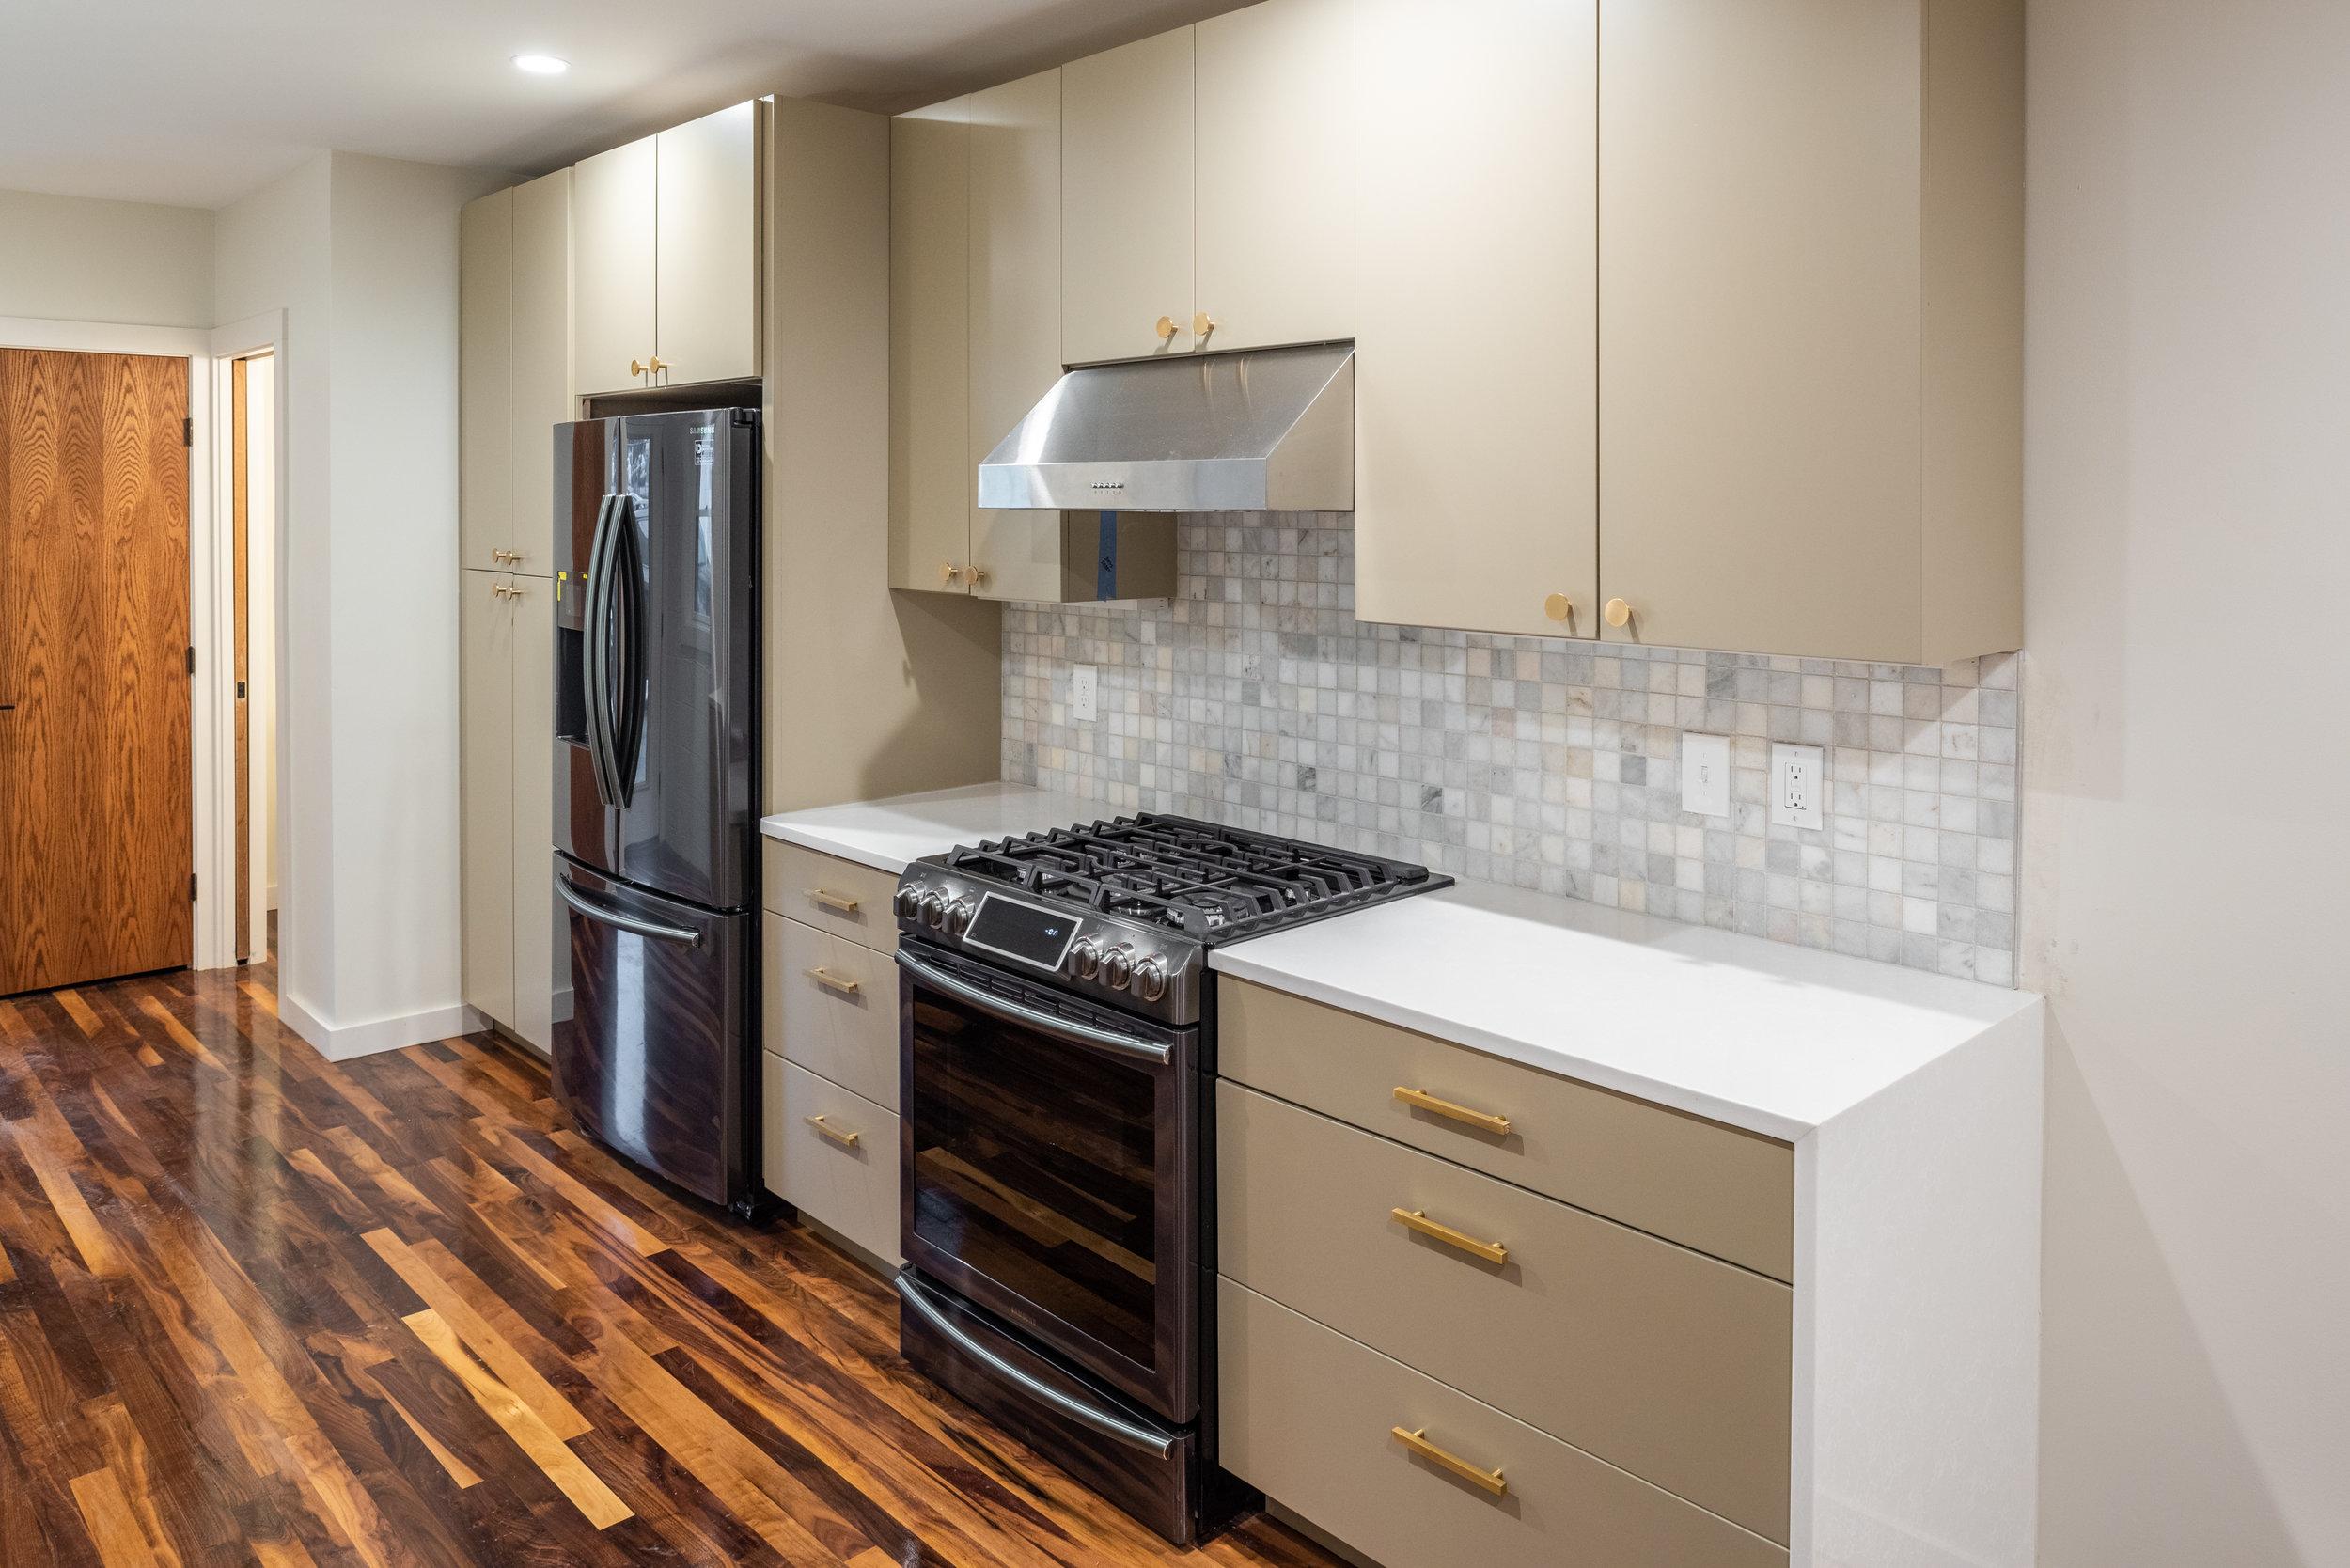 1428 main kitchen 1.7.jpg